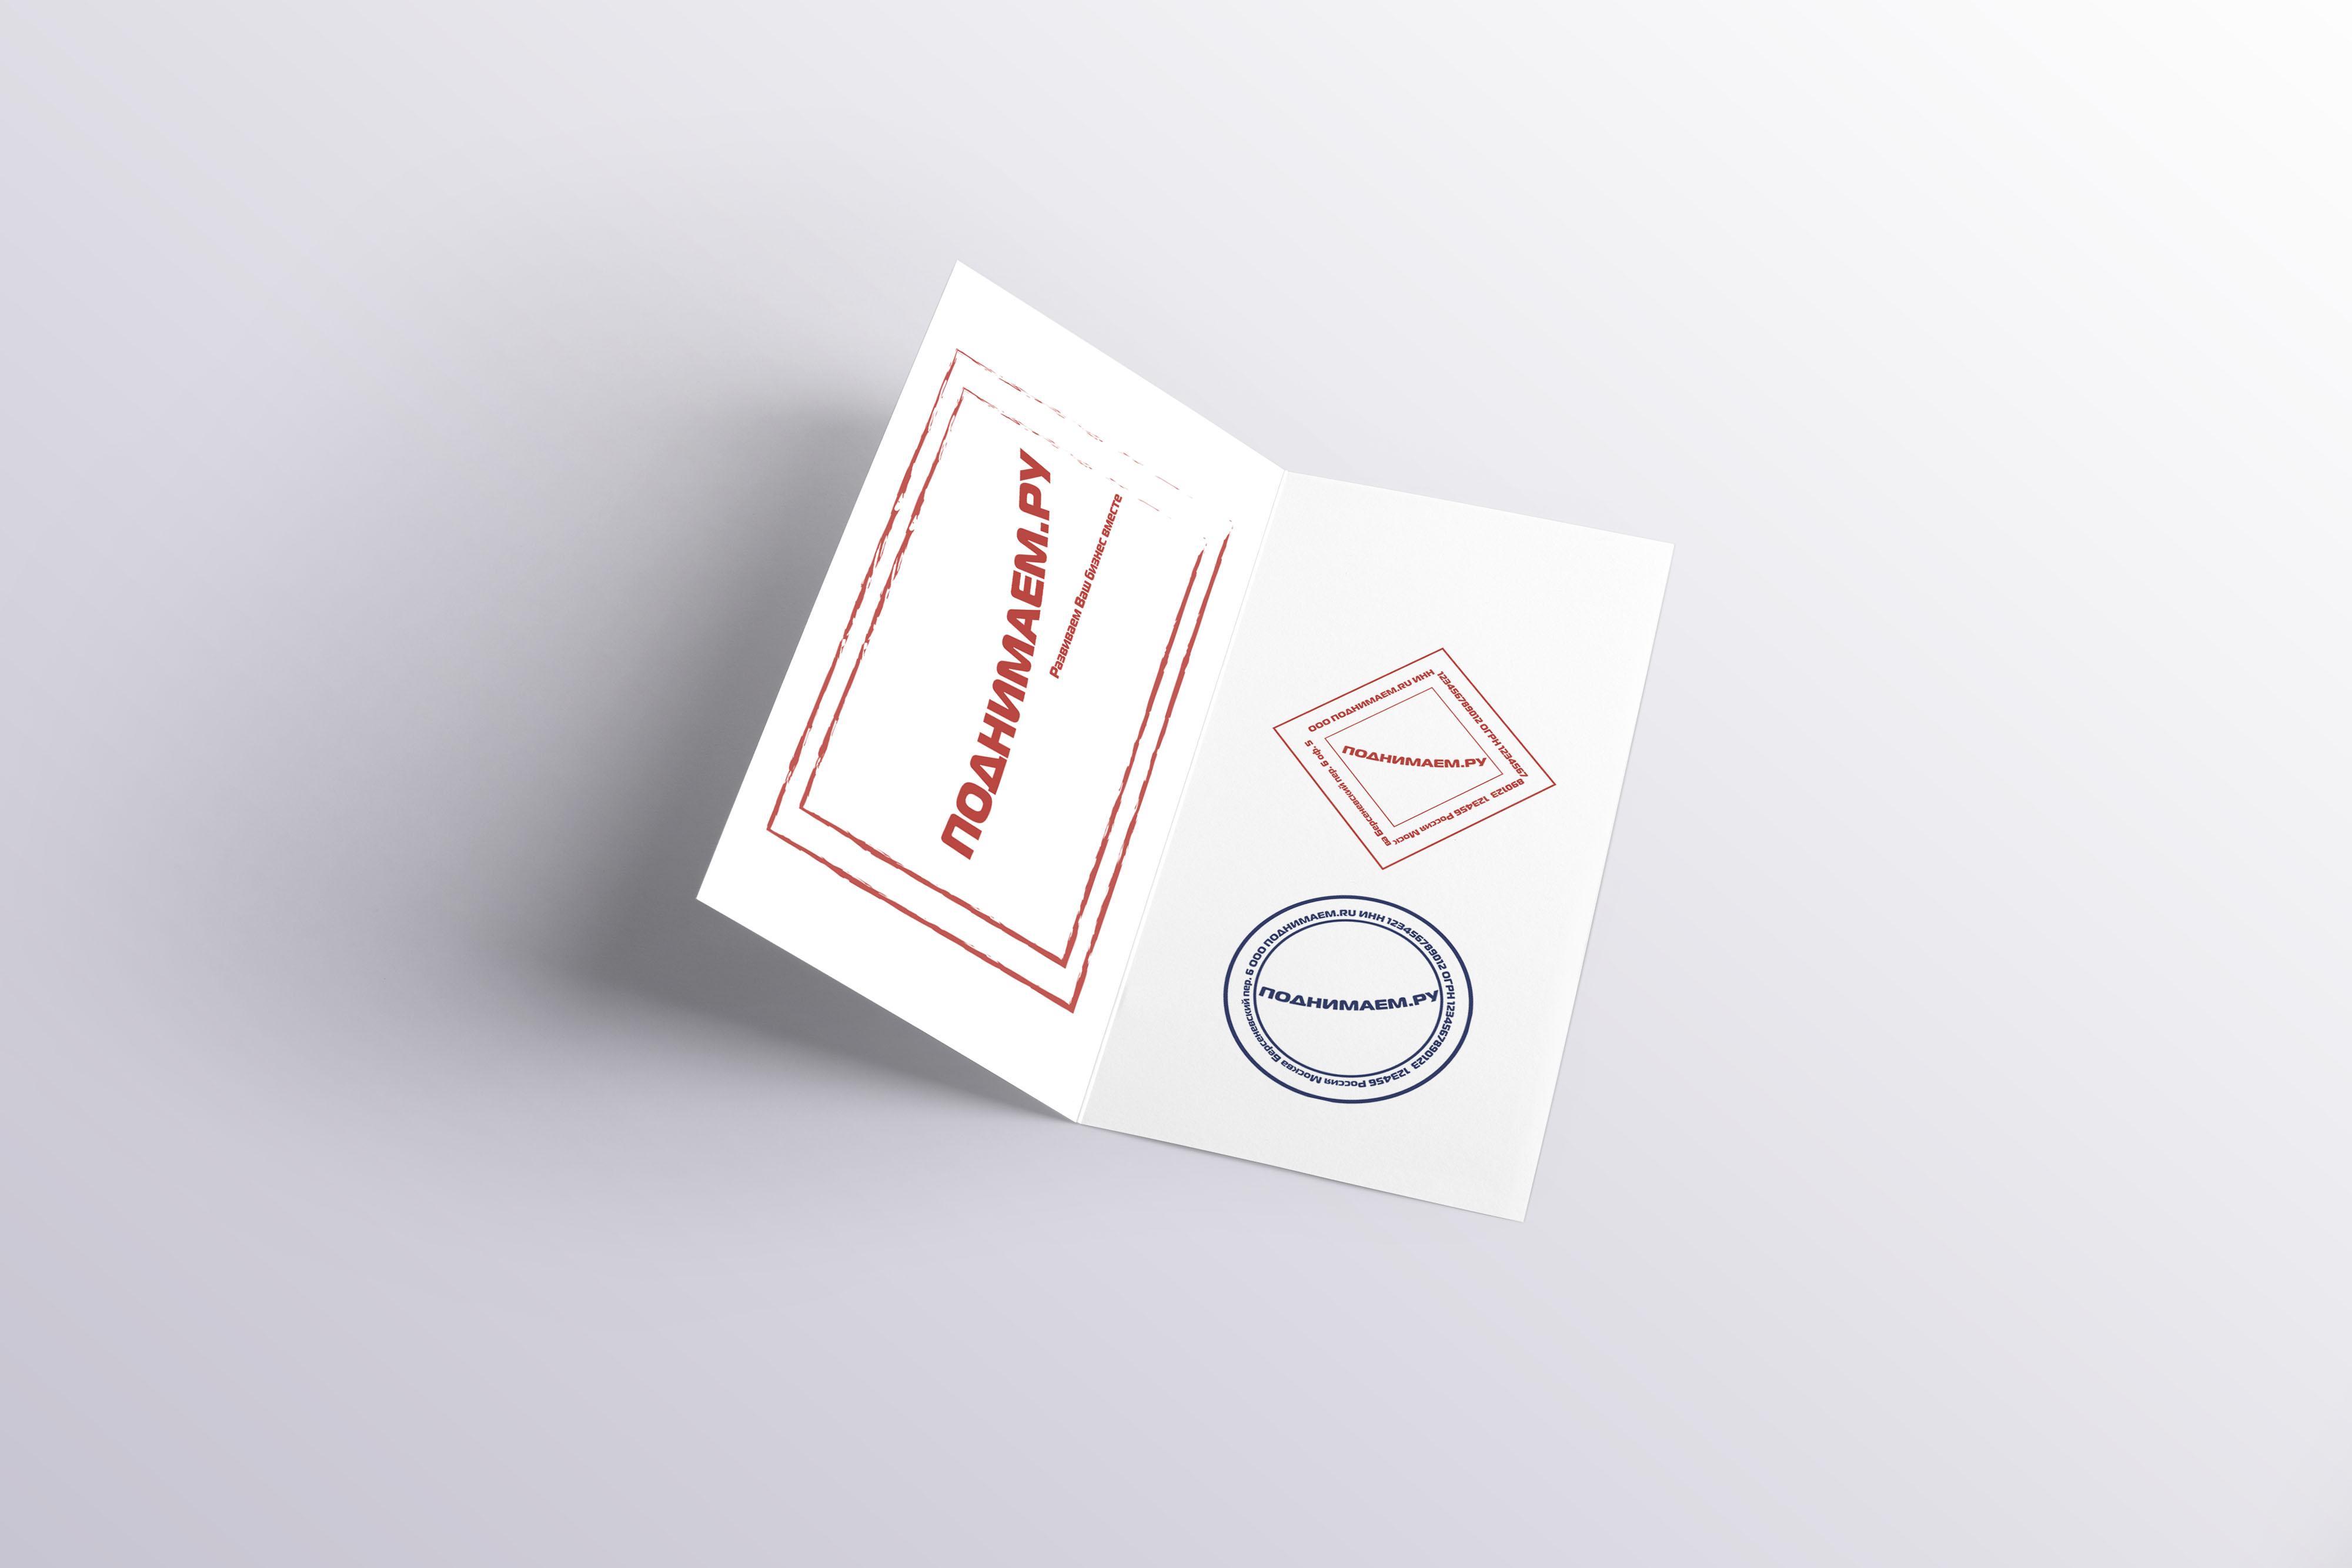 Разработать логотип + визитку + логотип для печати ООО +++ фото f_917554664bf2e2fc.jpg